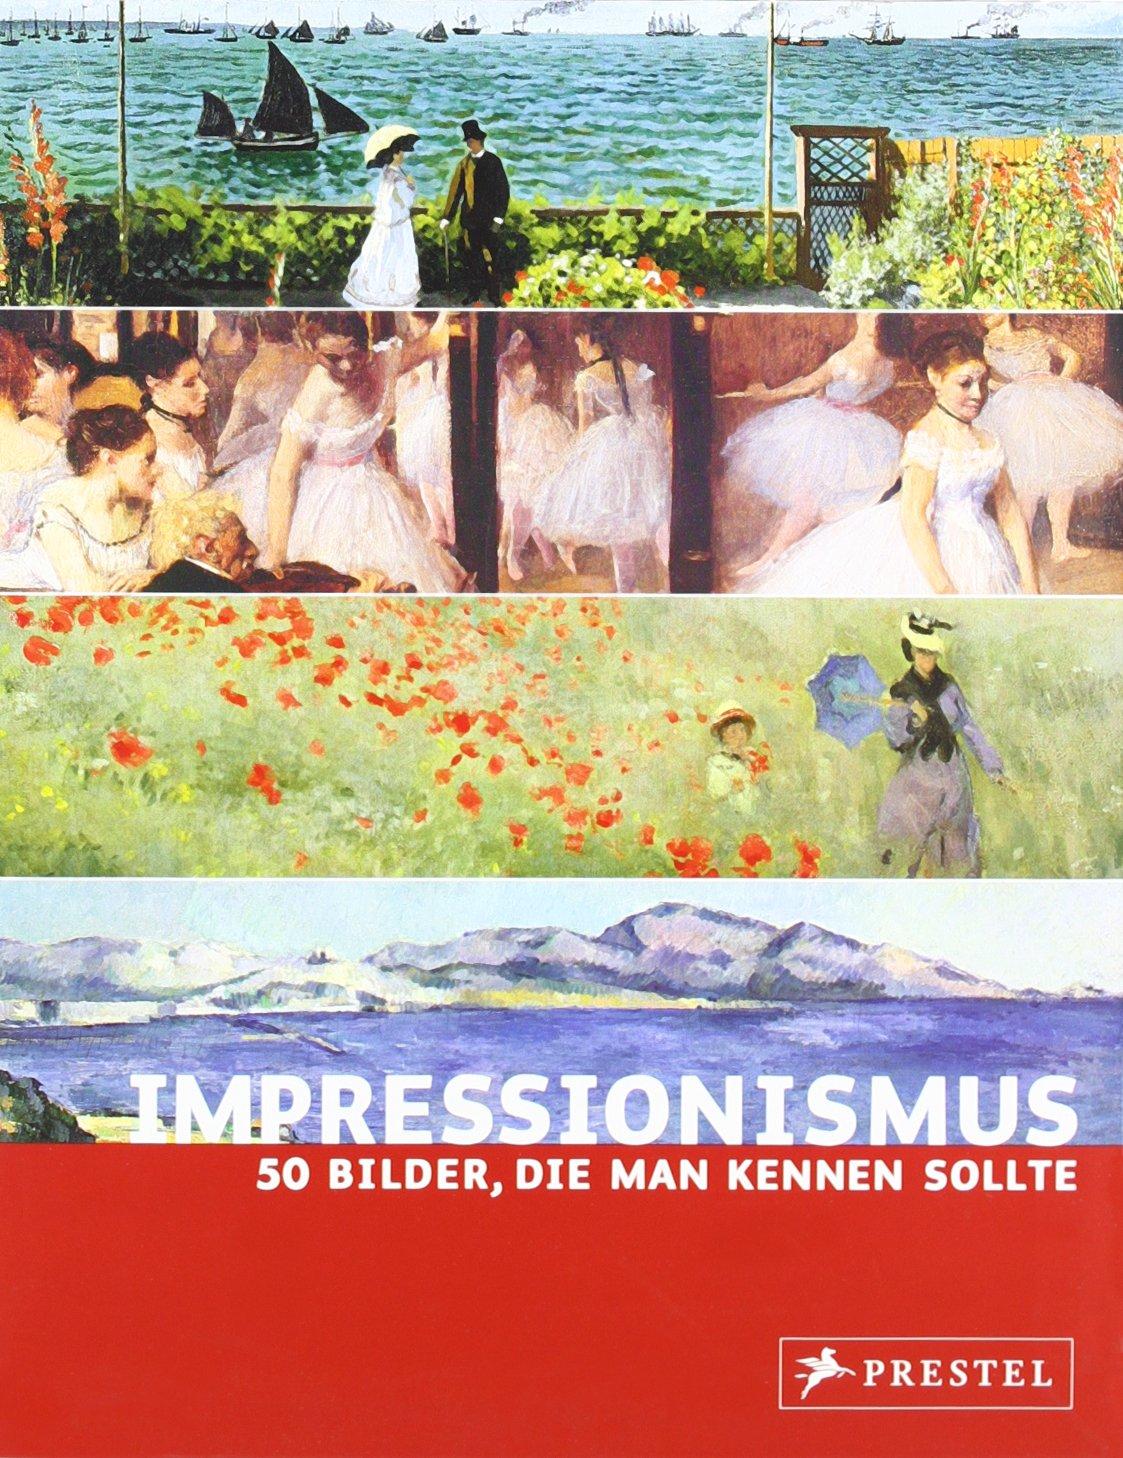 Impressionismus: 50 Bilder, die man kennen sollte